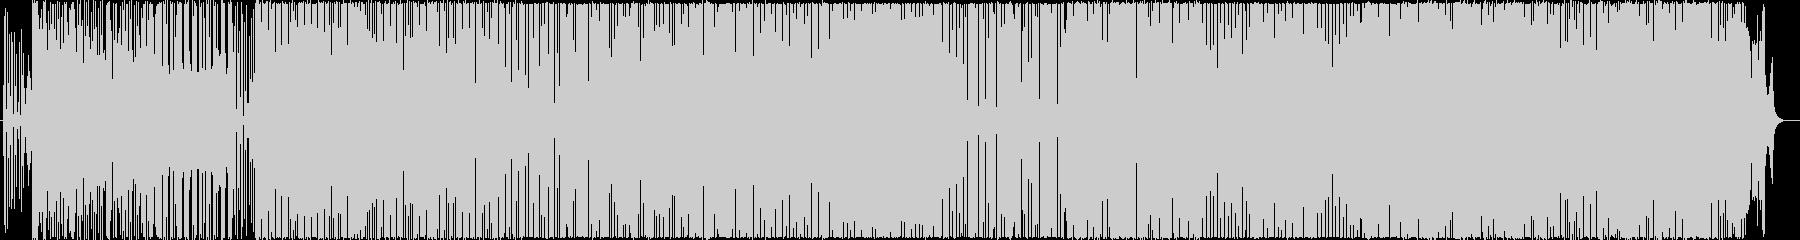 エモーショナルなエレクトロニカの未再生の波形